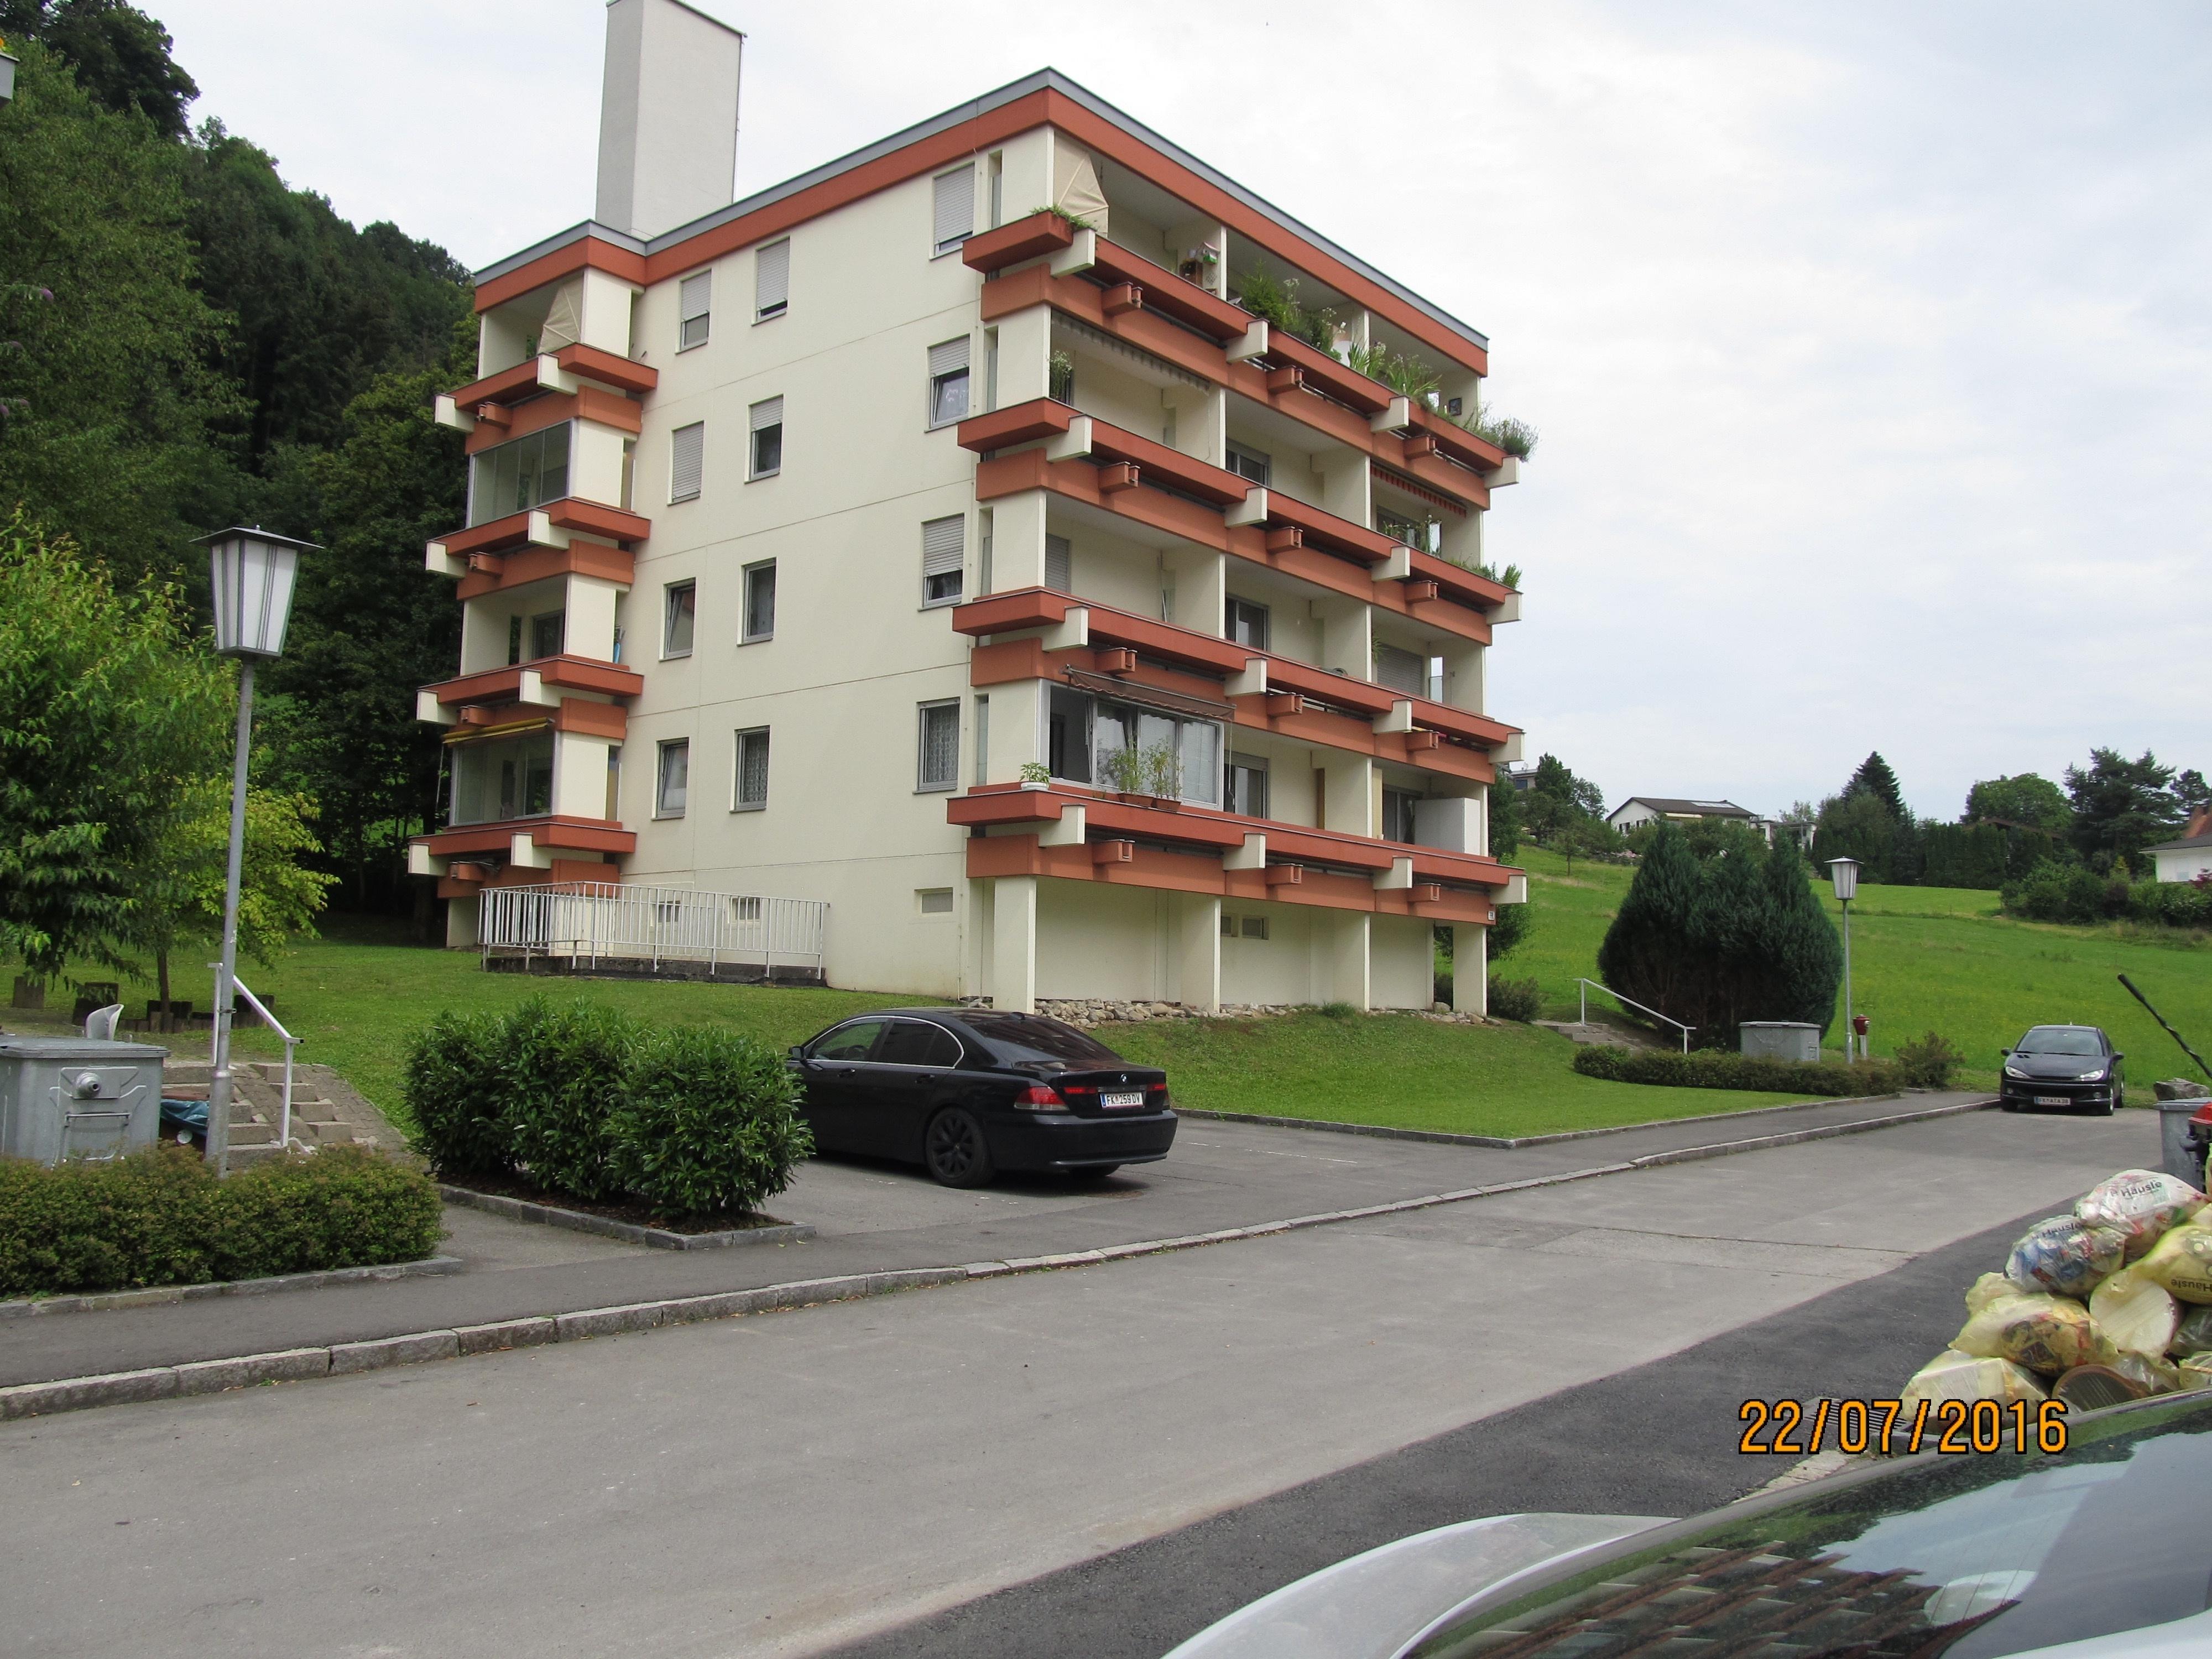 Eigentumswohnung, Im Brühl 33  2, 6800, Feldkirch, Vorarlberg